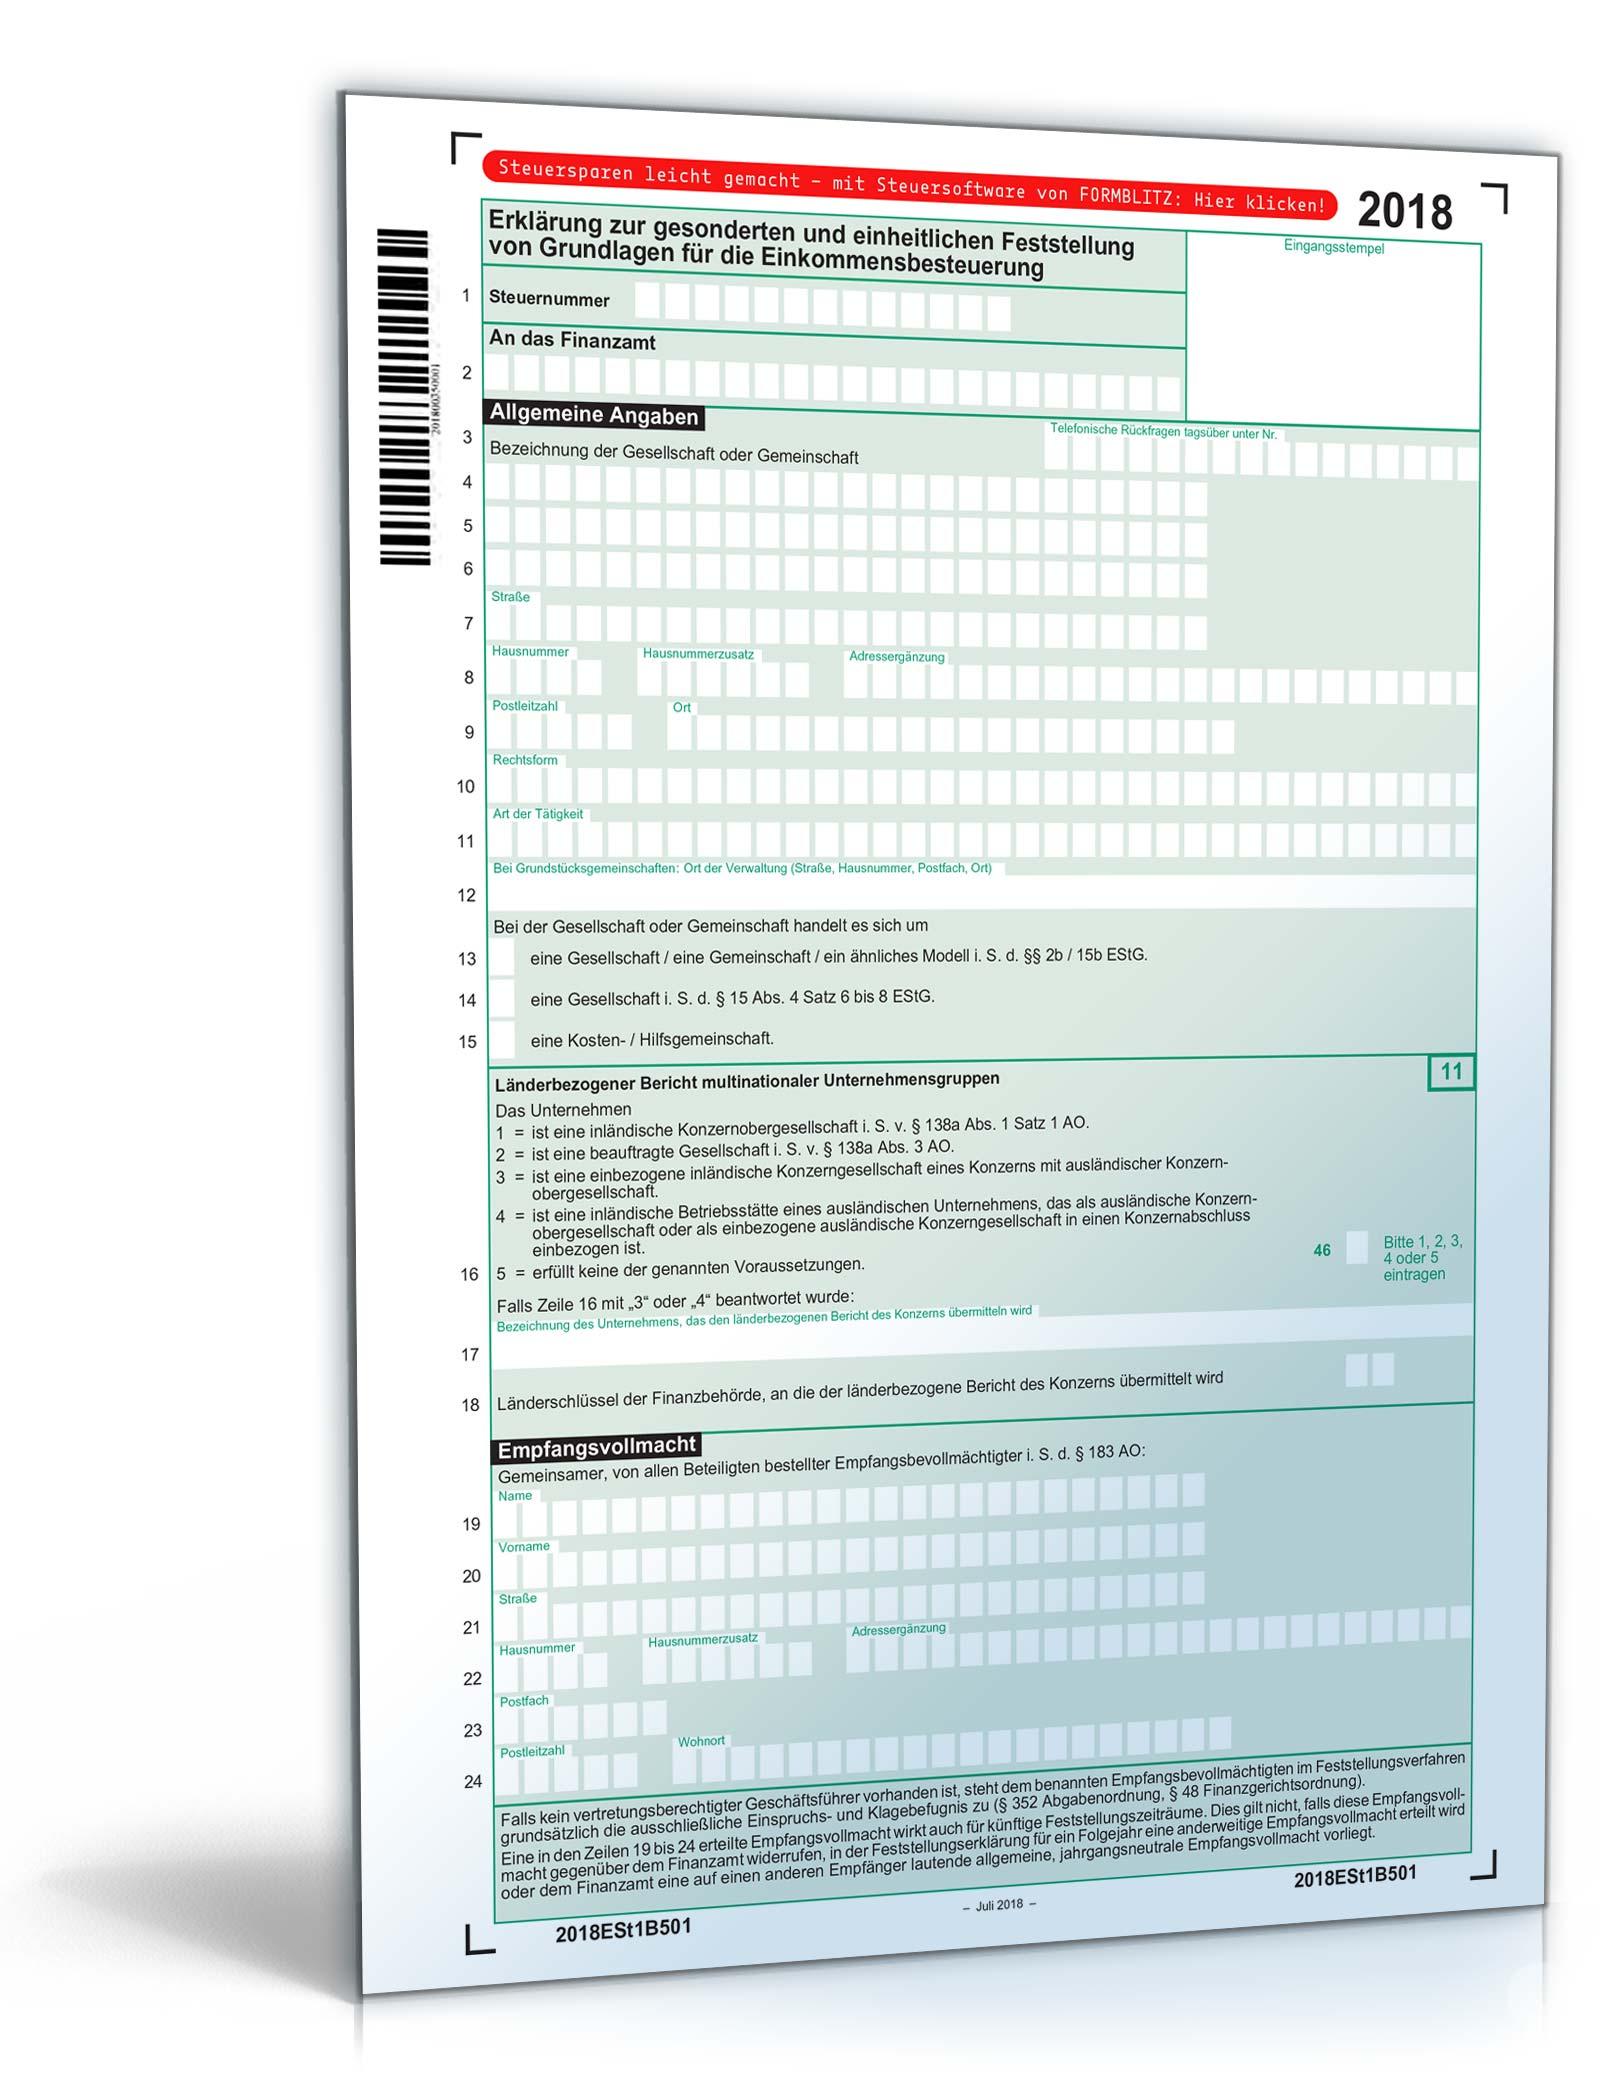 Erklärung zur gesonderten und einheitlichen Feststellung 2020 Dokument zum Download